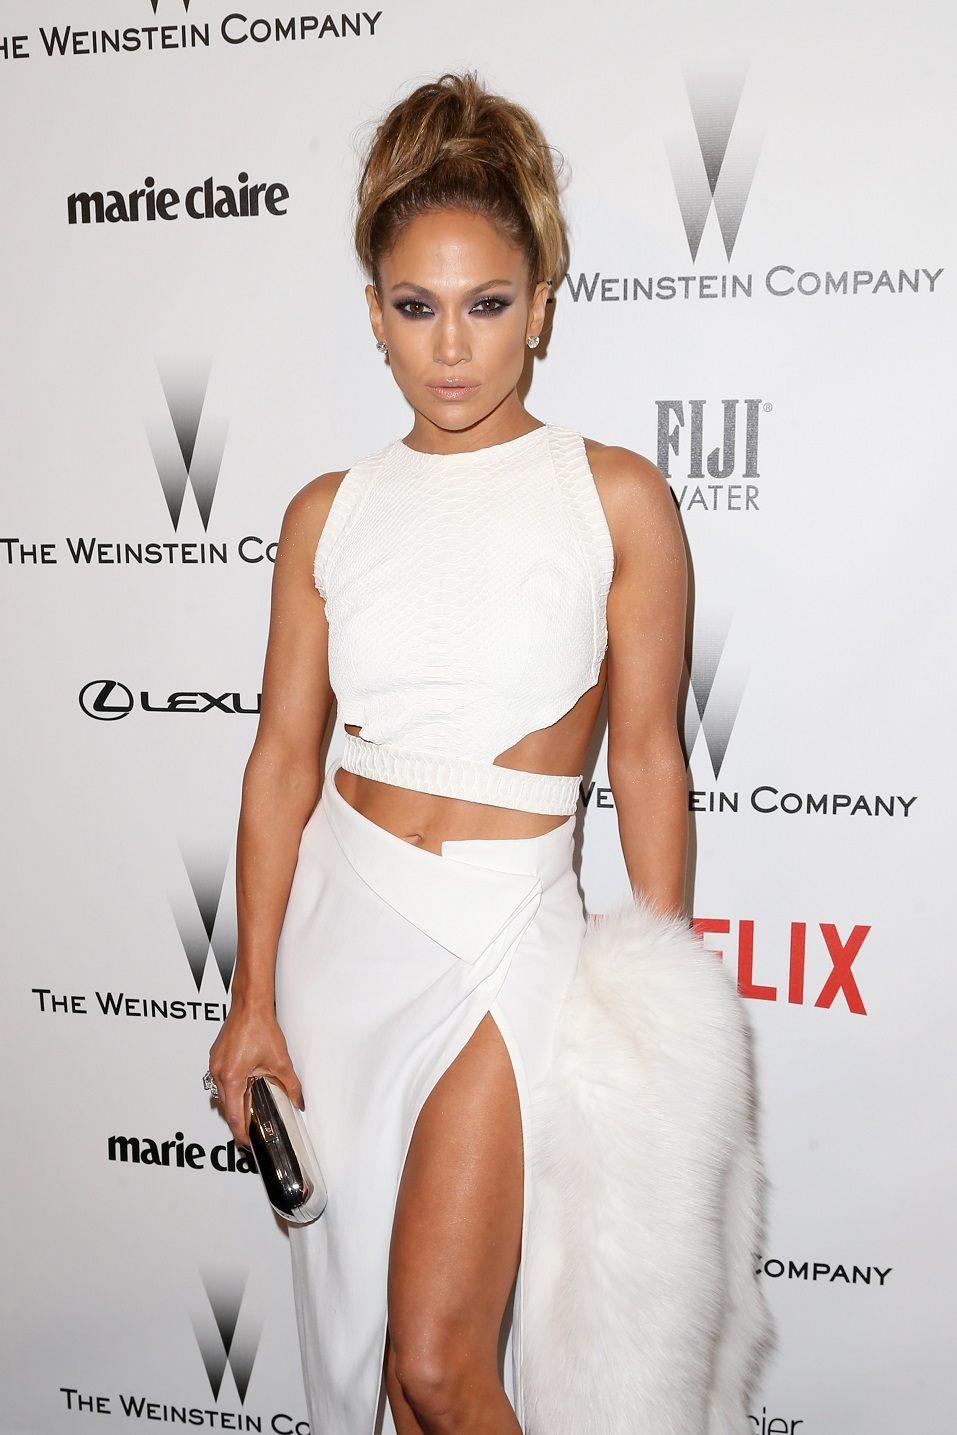 Actress/singer Jennifer Lopez attends the 2015 Weinstein Company and Netflix Golden Globes